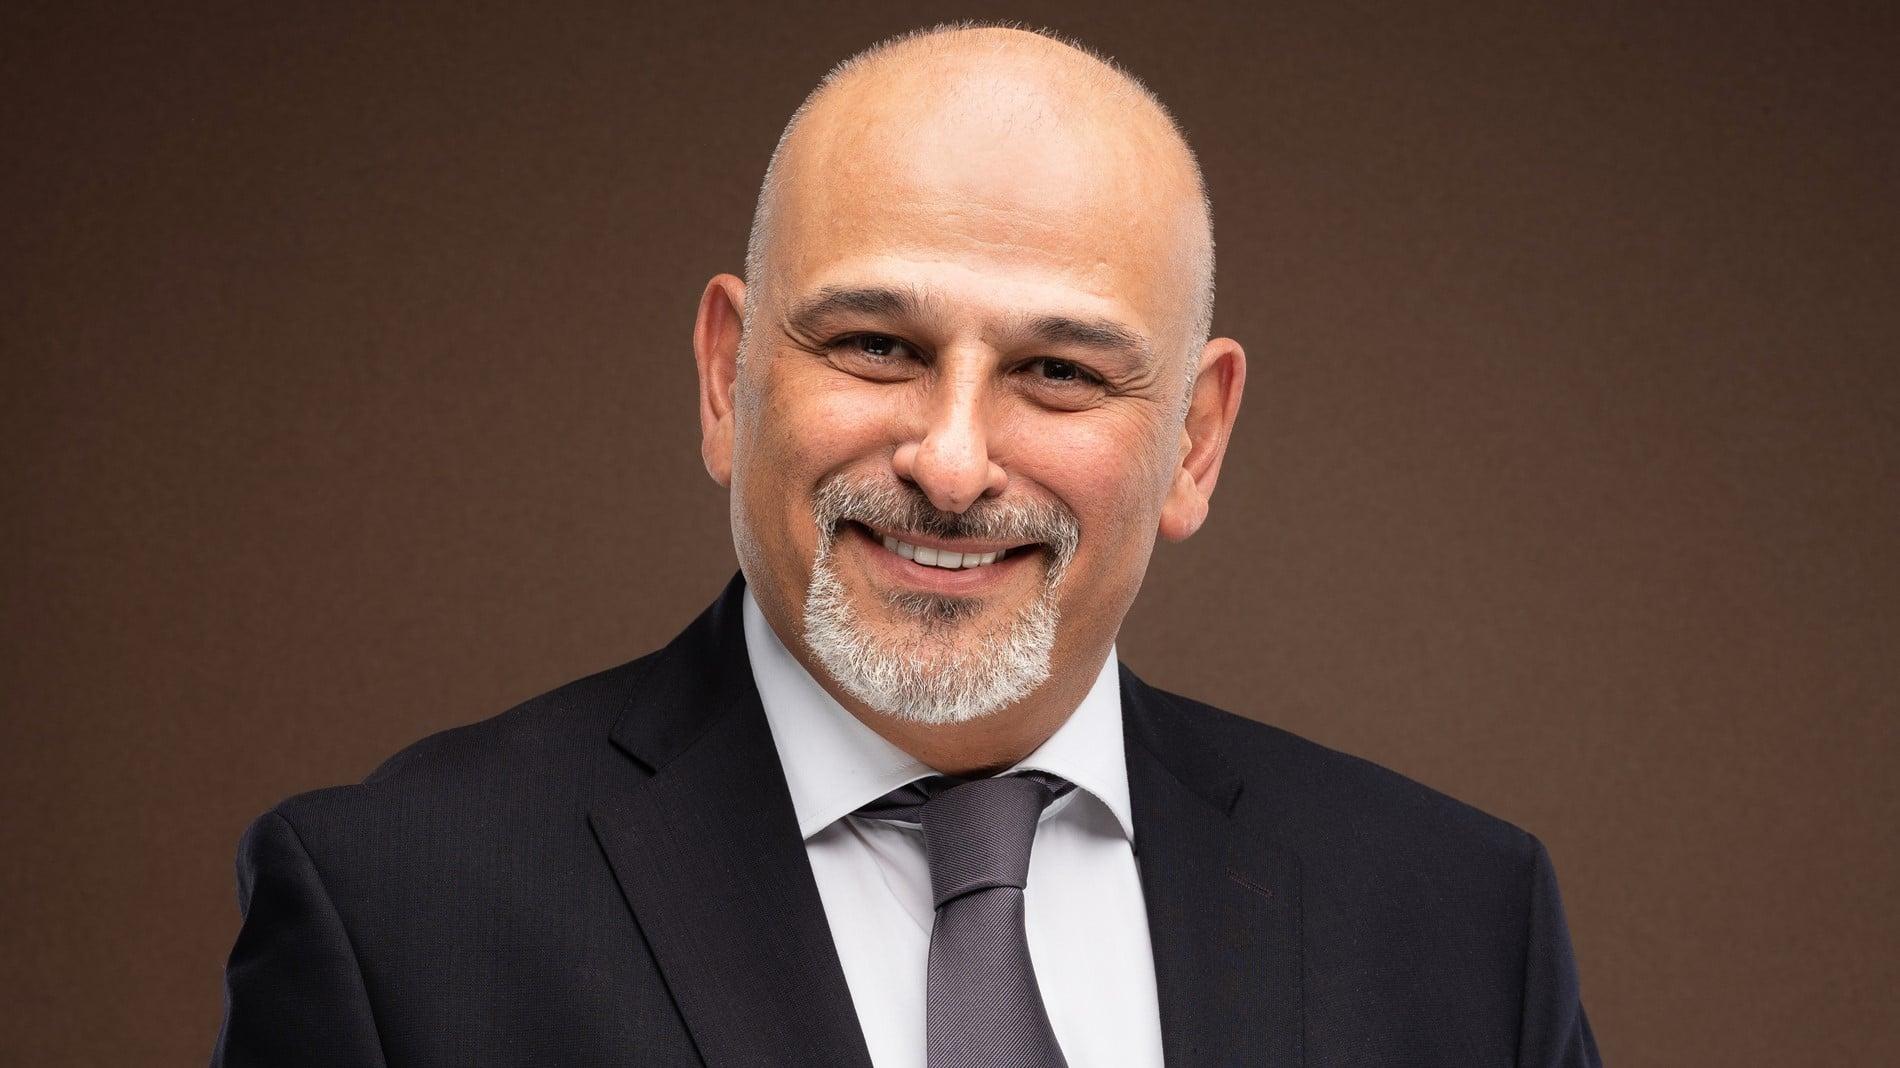 جمال سليمان يتحدث عن النظام السوري ورئيسه بشار الأسد